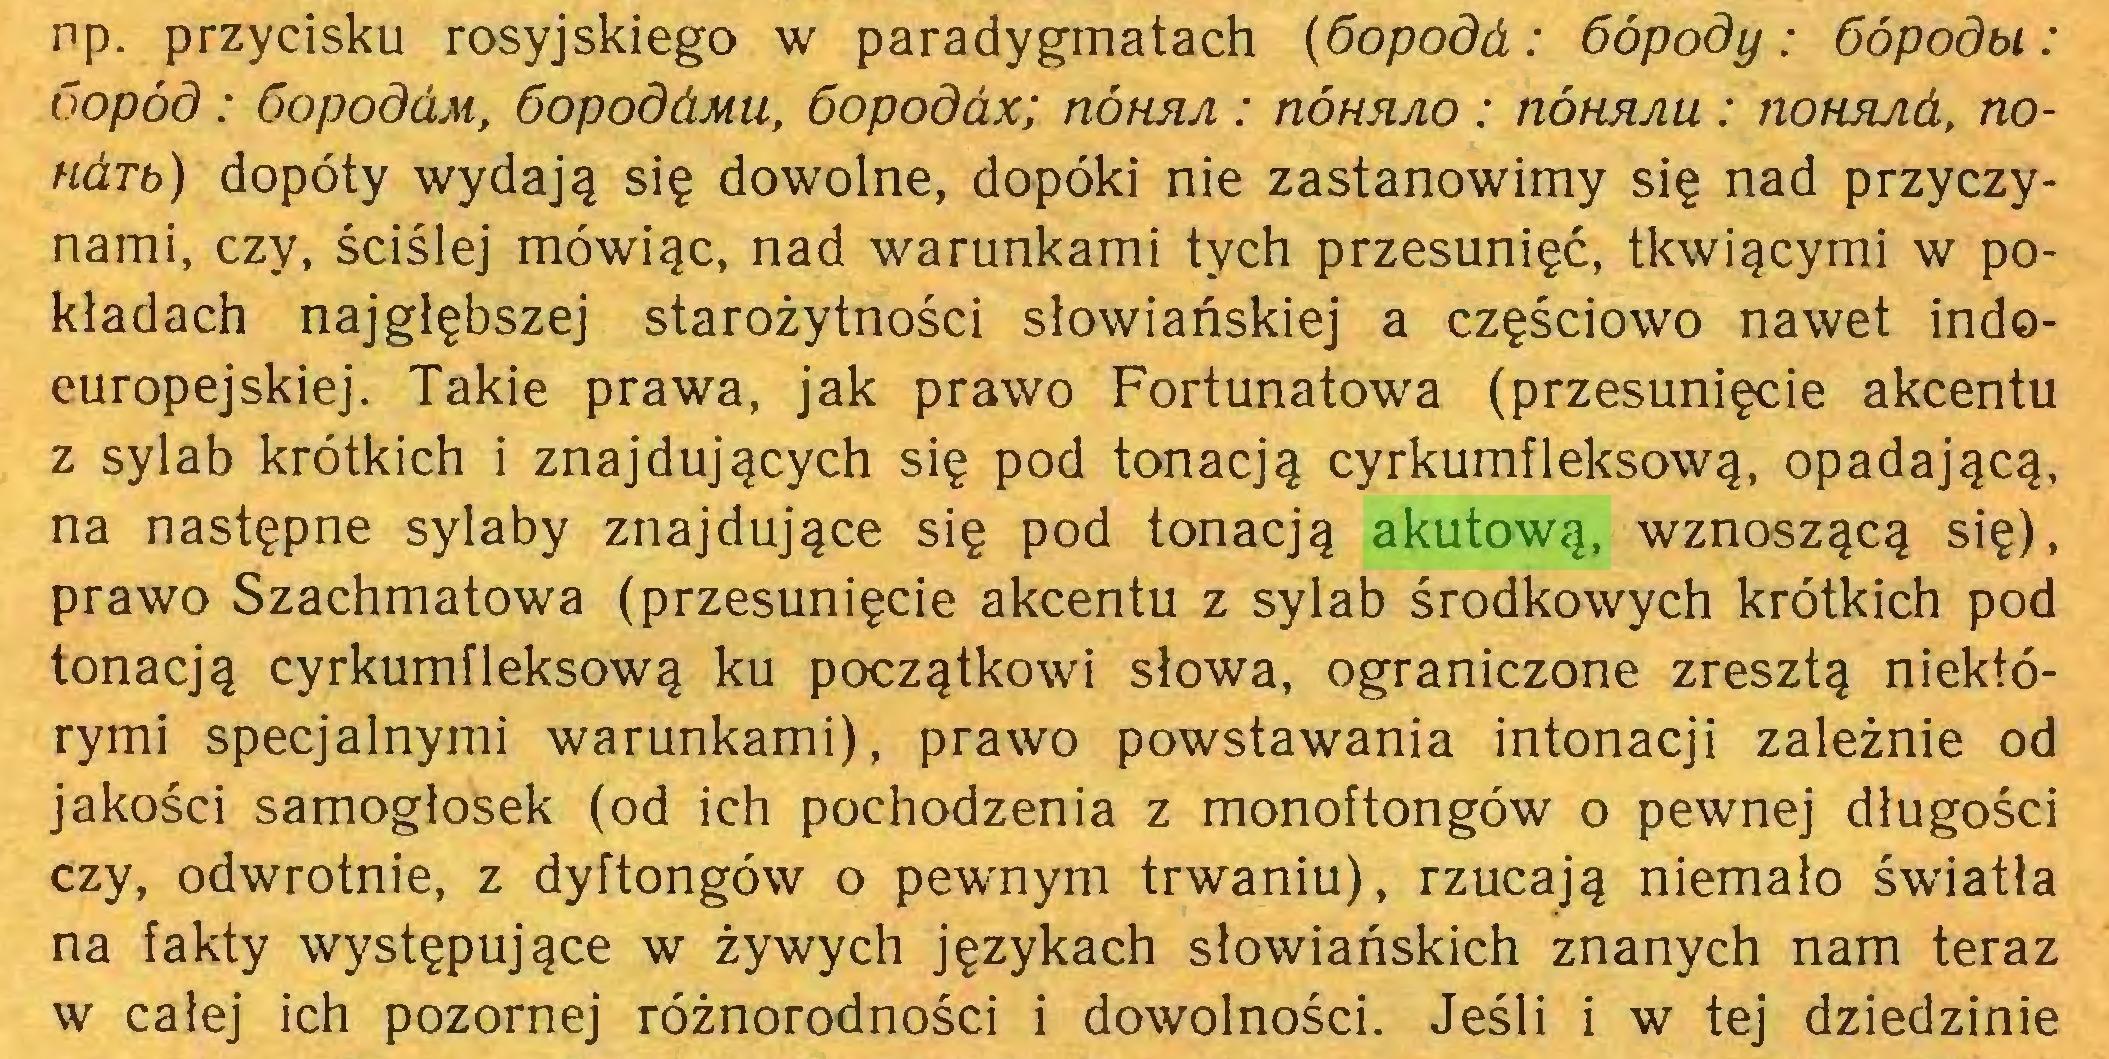 (...) np. przycisku rosyjskiego w paradygmatach (óopodd: óópody: óópodbi : óopód: óopodćiM, óopoddMu, 6opodax; nótwA : tiohrao: nÓHRAU : nonsuid, nondTb) dopóty wydają się dowolne, dopóki nie zastanowimy się nad przyczynami, czy, ściślej mówiąc, nad warunkami tych przesunięć, tkwiącymi w pokładach najgłębszej starożytności słowiańskiej a częściowo nawet indoeuropejskiej. Takie prawa, jak prawo Fortunatowa (przesunięcie akcentu z sylab krótkich i znajdujących się pod tonacją cyrkumfleksową, opadającą, na następne sylaby znajdujące się pod tonacją akutową, wznoszącą się), prawo Szachmatowa (przesunięcie akcentu z sylab środkowych krótkich pod tonacją cyrkumfleksową ku początkowi słowa, ograniczone zresztą niektórymi specjalnymi warunkami), prawo powstawania intonacji zależnie od jakości samogłosek (od ich pochodzenia z monoftongów o pewnej długości czy, odwrotnie, z dyftongów o pewnym trwaniu), rzucają niemało światła na fakty występujące w żywych językach słowiańskich znanych nam teraz w całej ich pozornej różnorodności i dowolności. Jeśli i w tej dziedzinie...